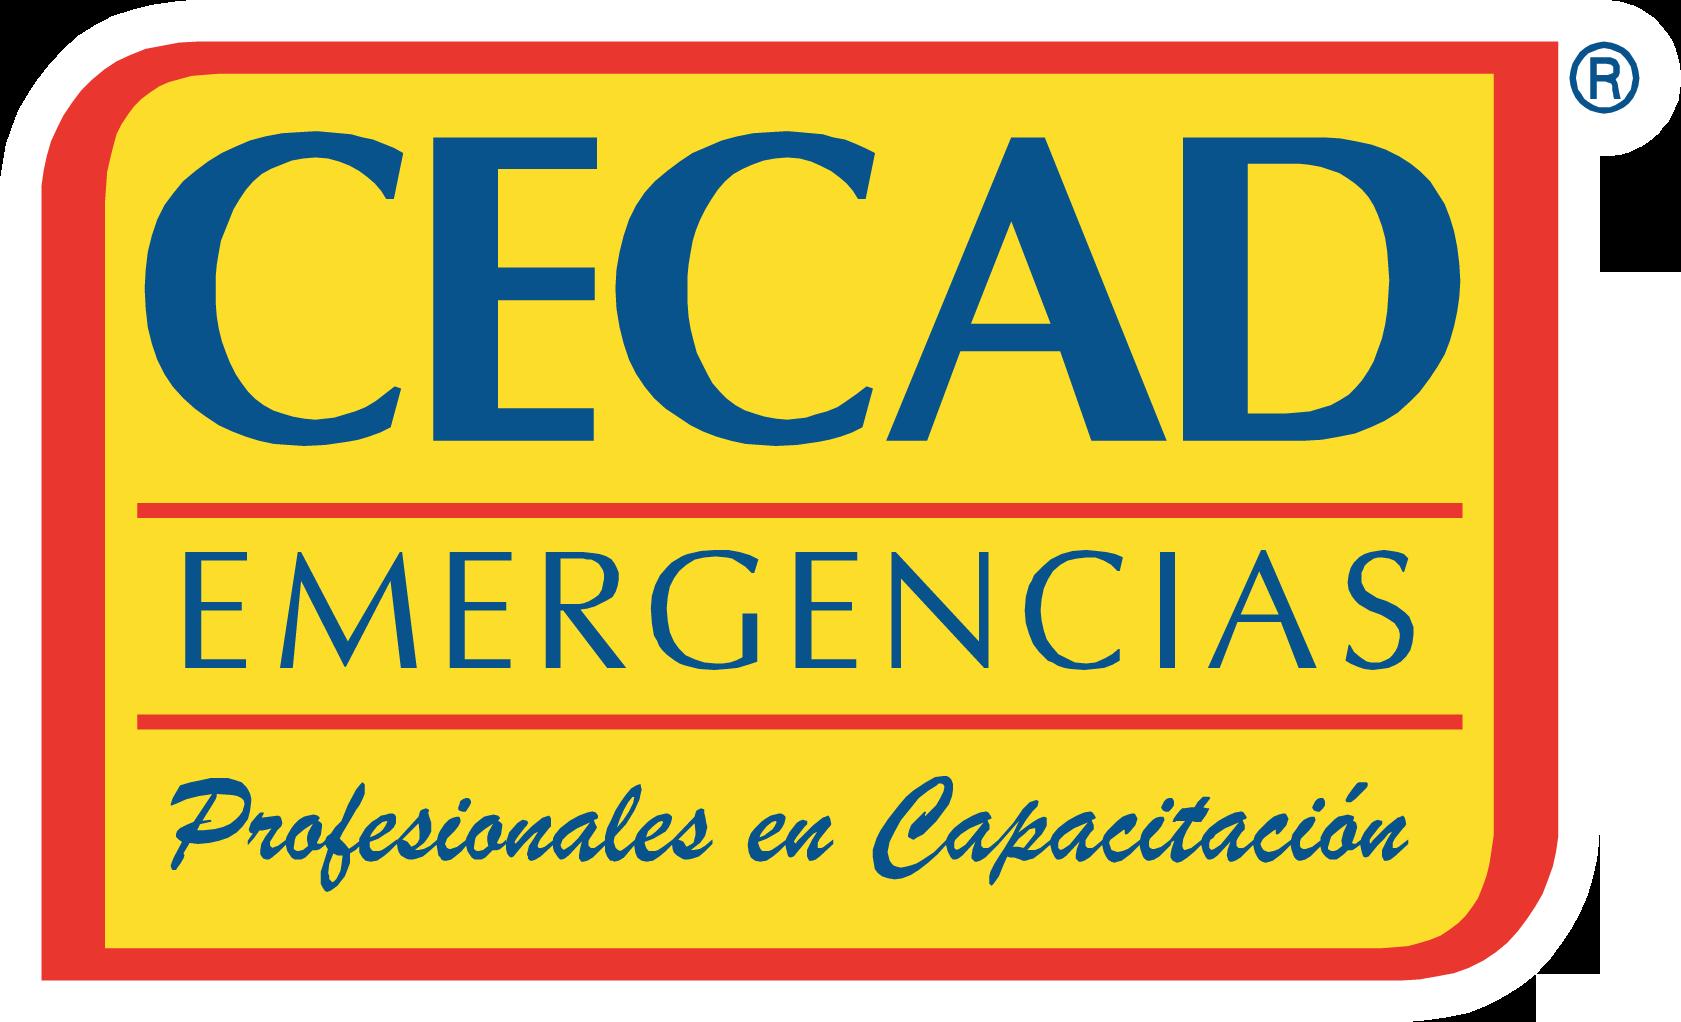 CECAD Emergencias